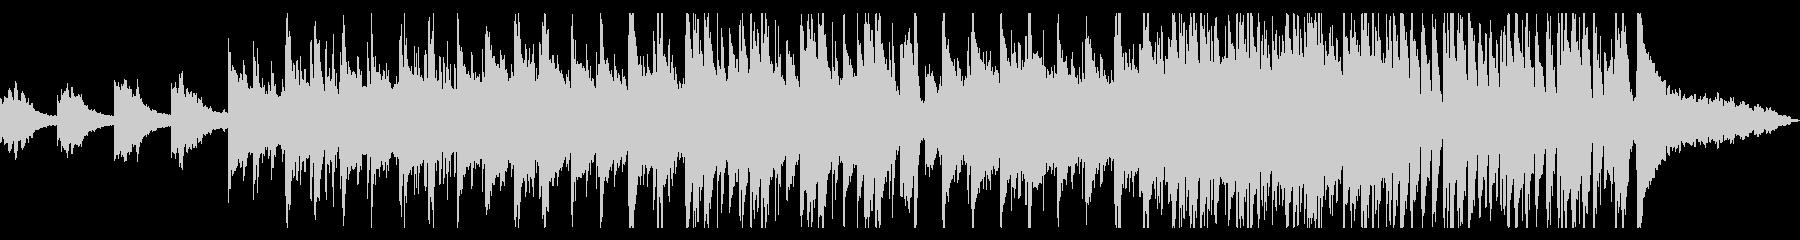 ゆったりとしたバンド系インストの未再生の波形